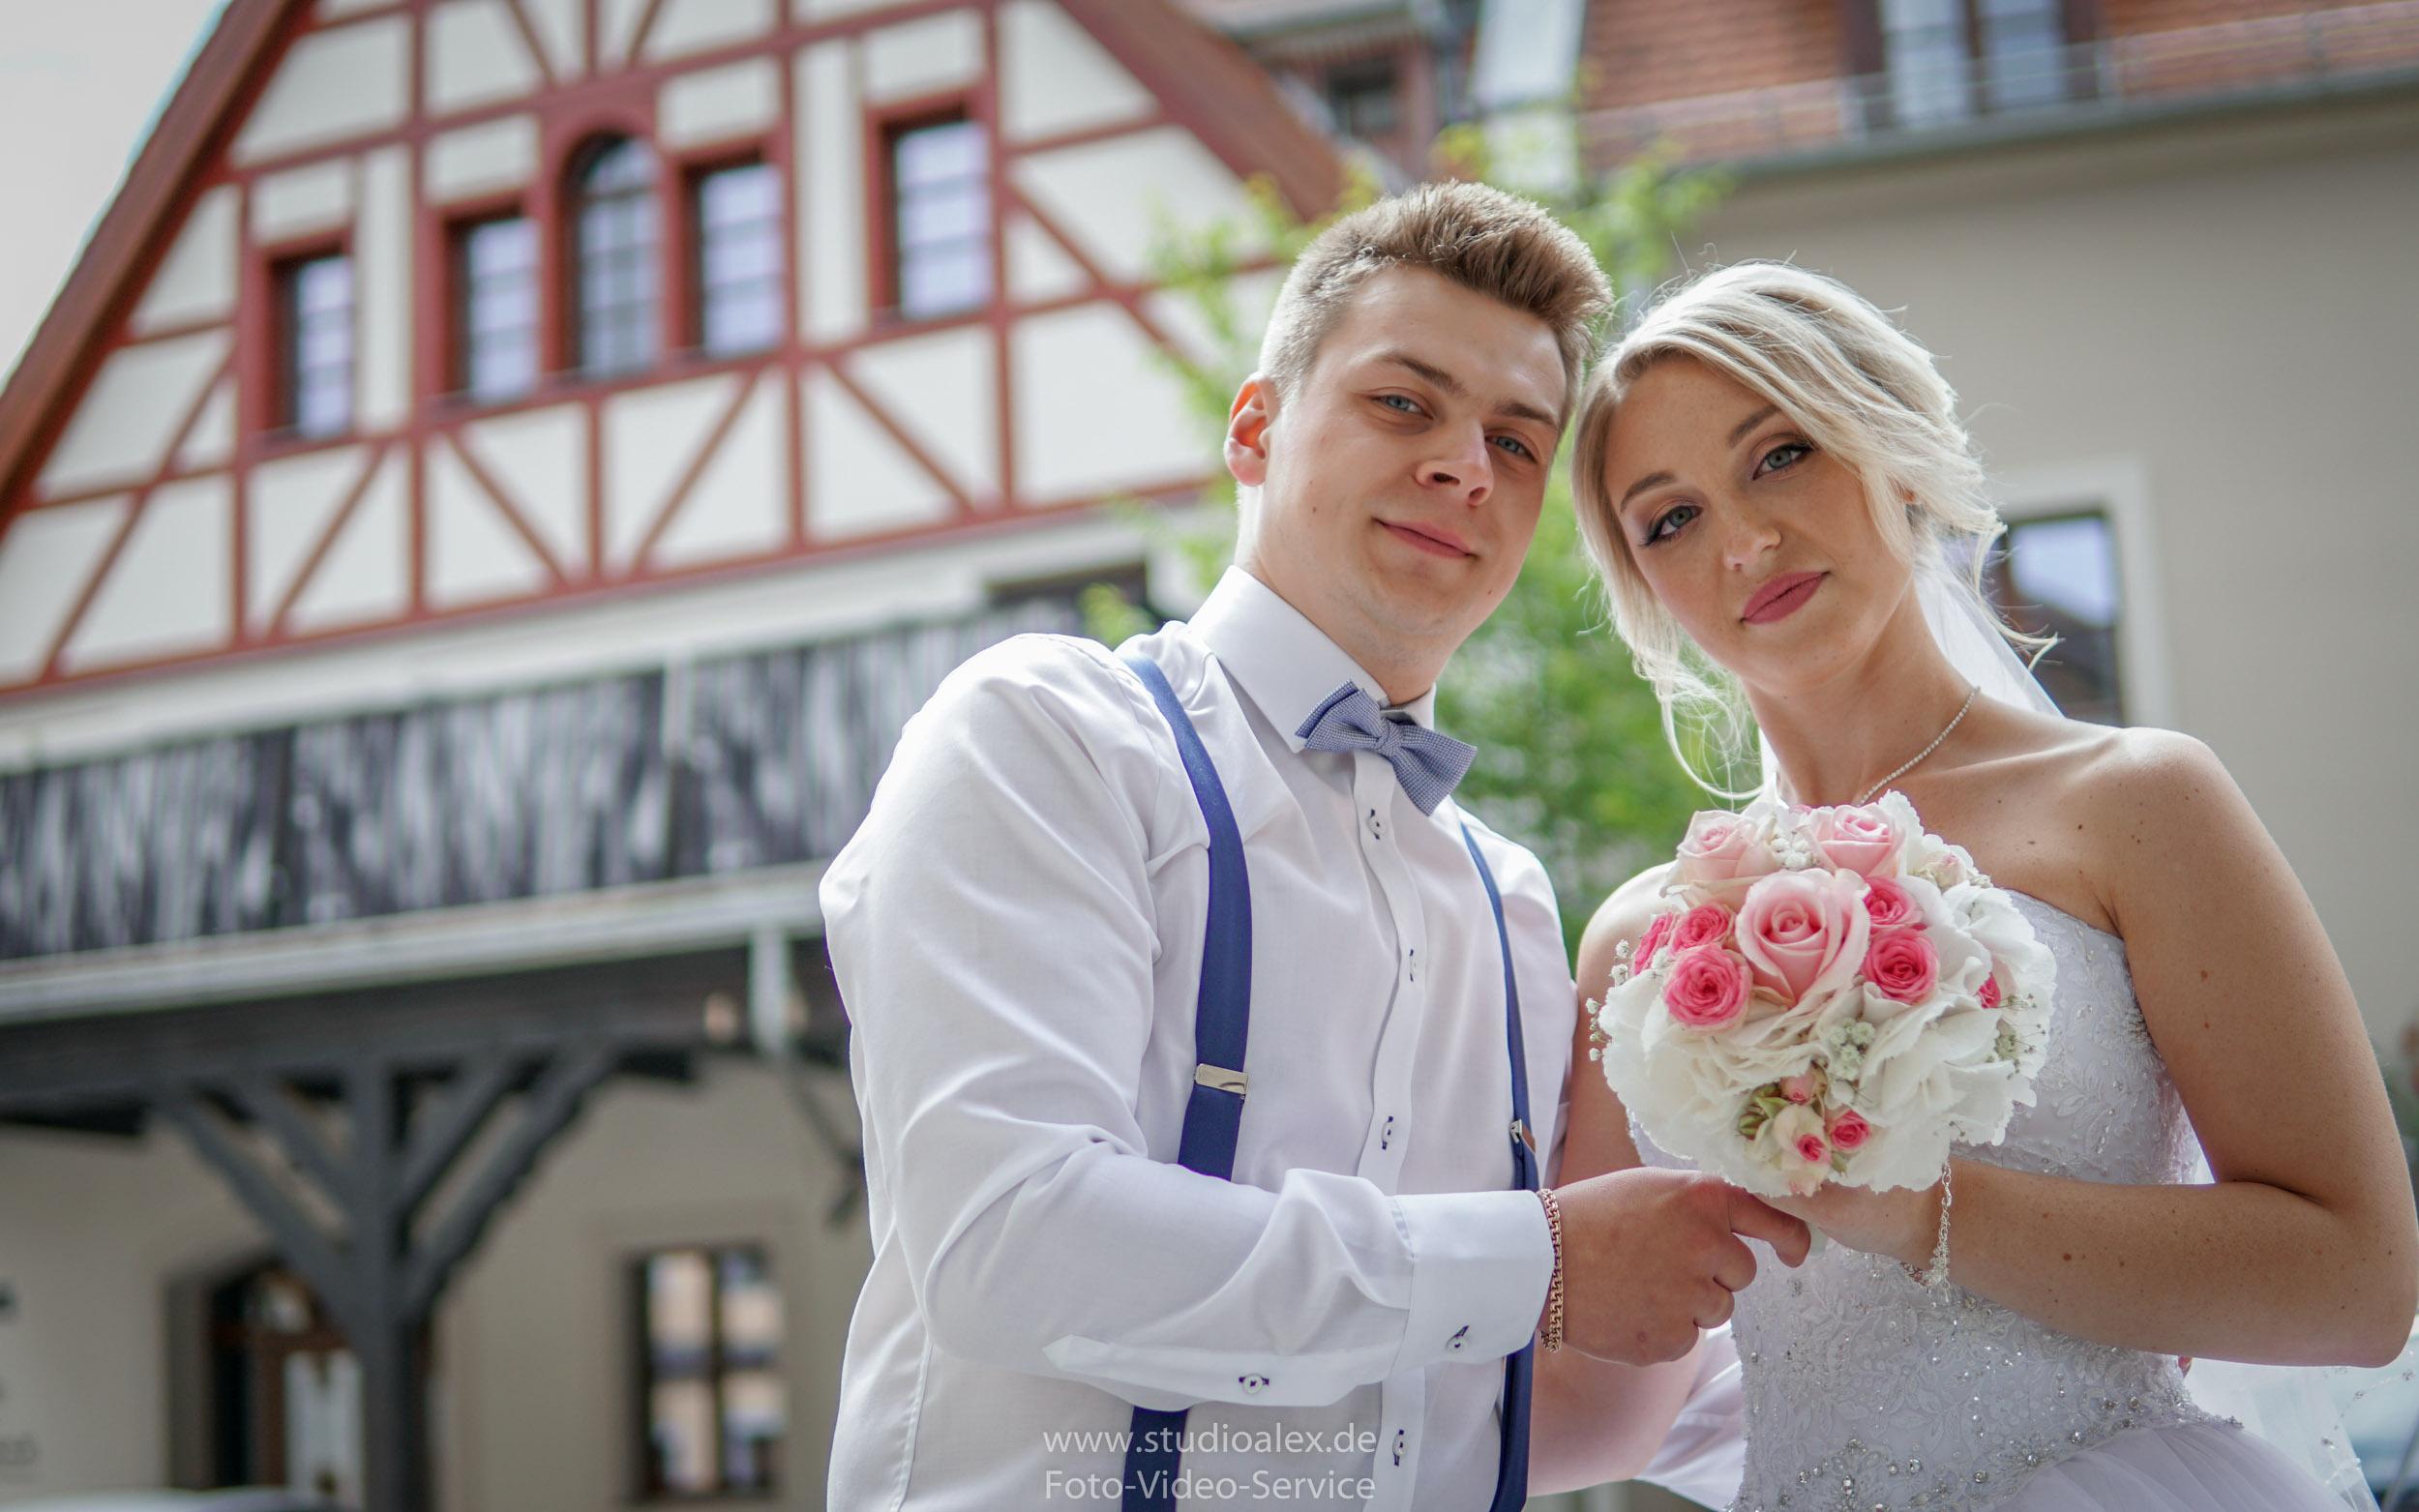 Hochzeitsfotograf-Amberg-Hochzeitsfotografie-Amberg-Hochzeit-Amberg-ACC-Fotograf-Amberg-01218.jpg